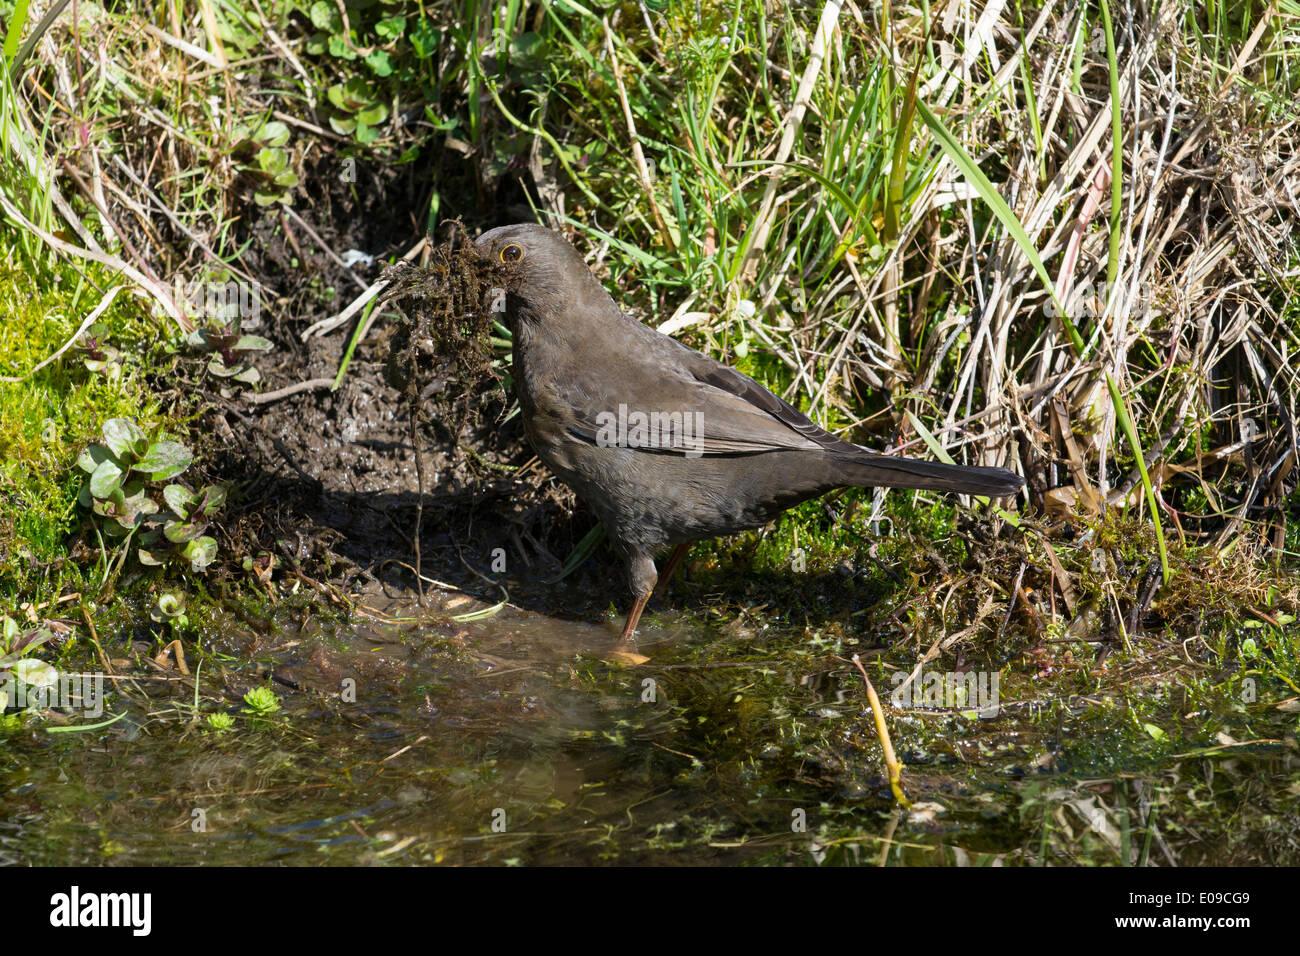 Mirlo hembra, Turdus merula, recopilando material nido junto al estanque de jardín, Abril. Imagen De Stock